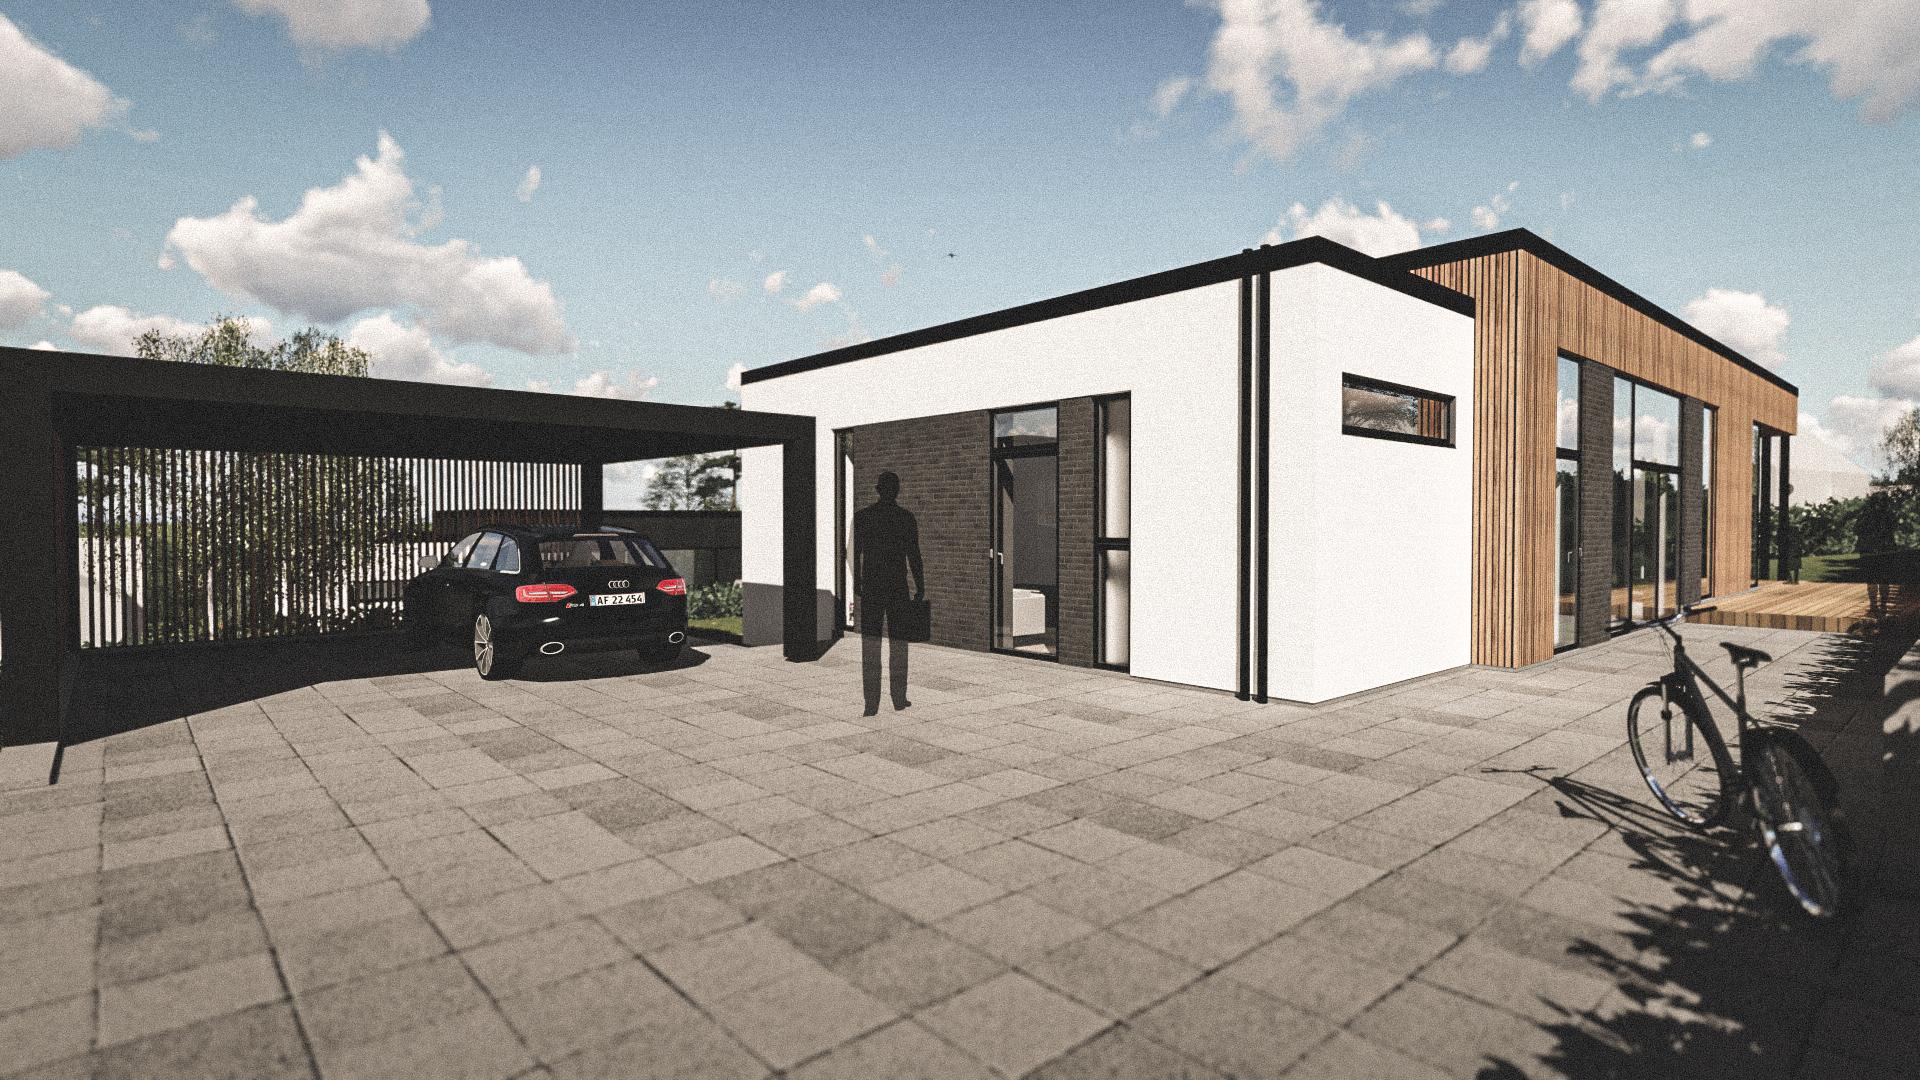 Billede af Dansk arkitekttegnet 1 plan villa af arkitektfirmaet m2plus, i 2 i Rødovre på 173 kvartratmeter.